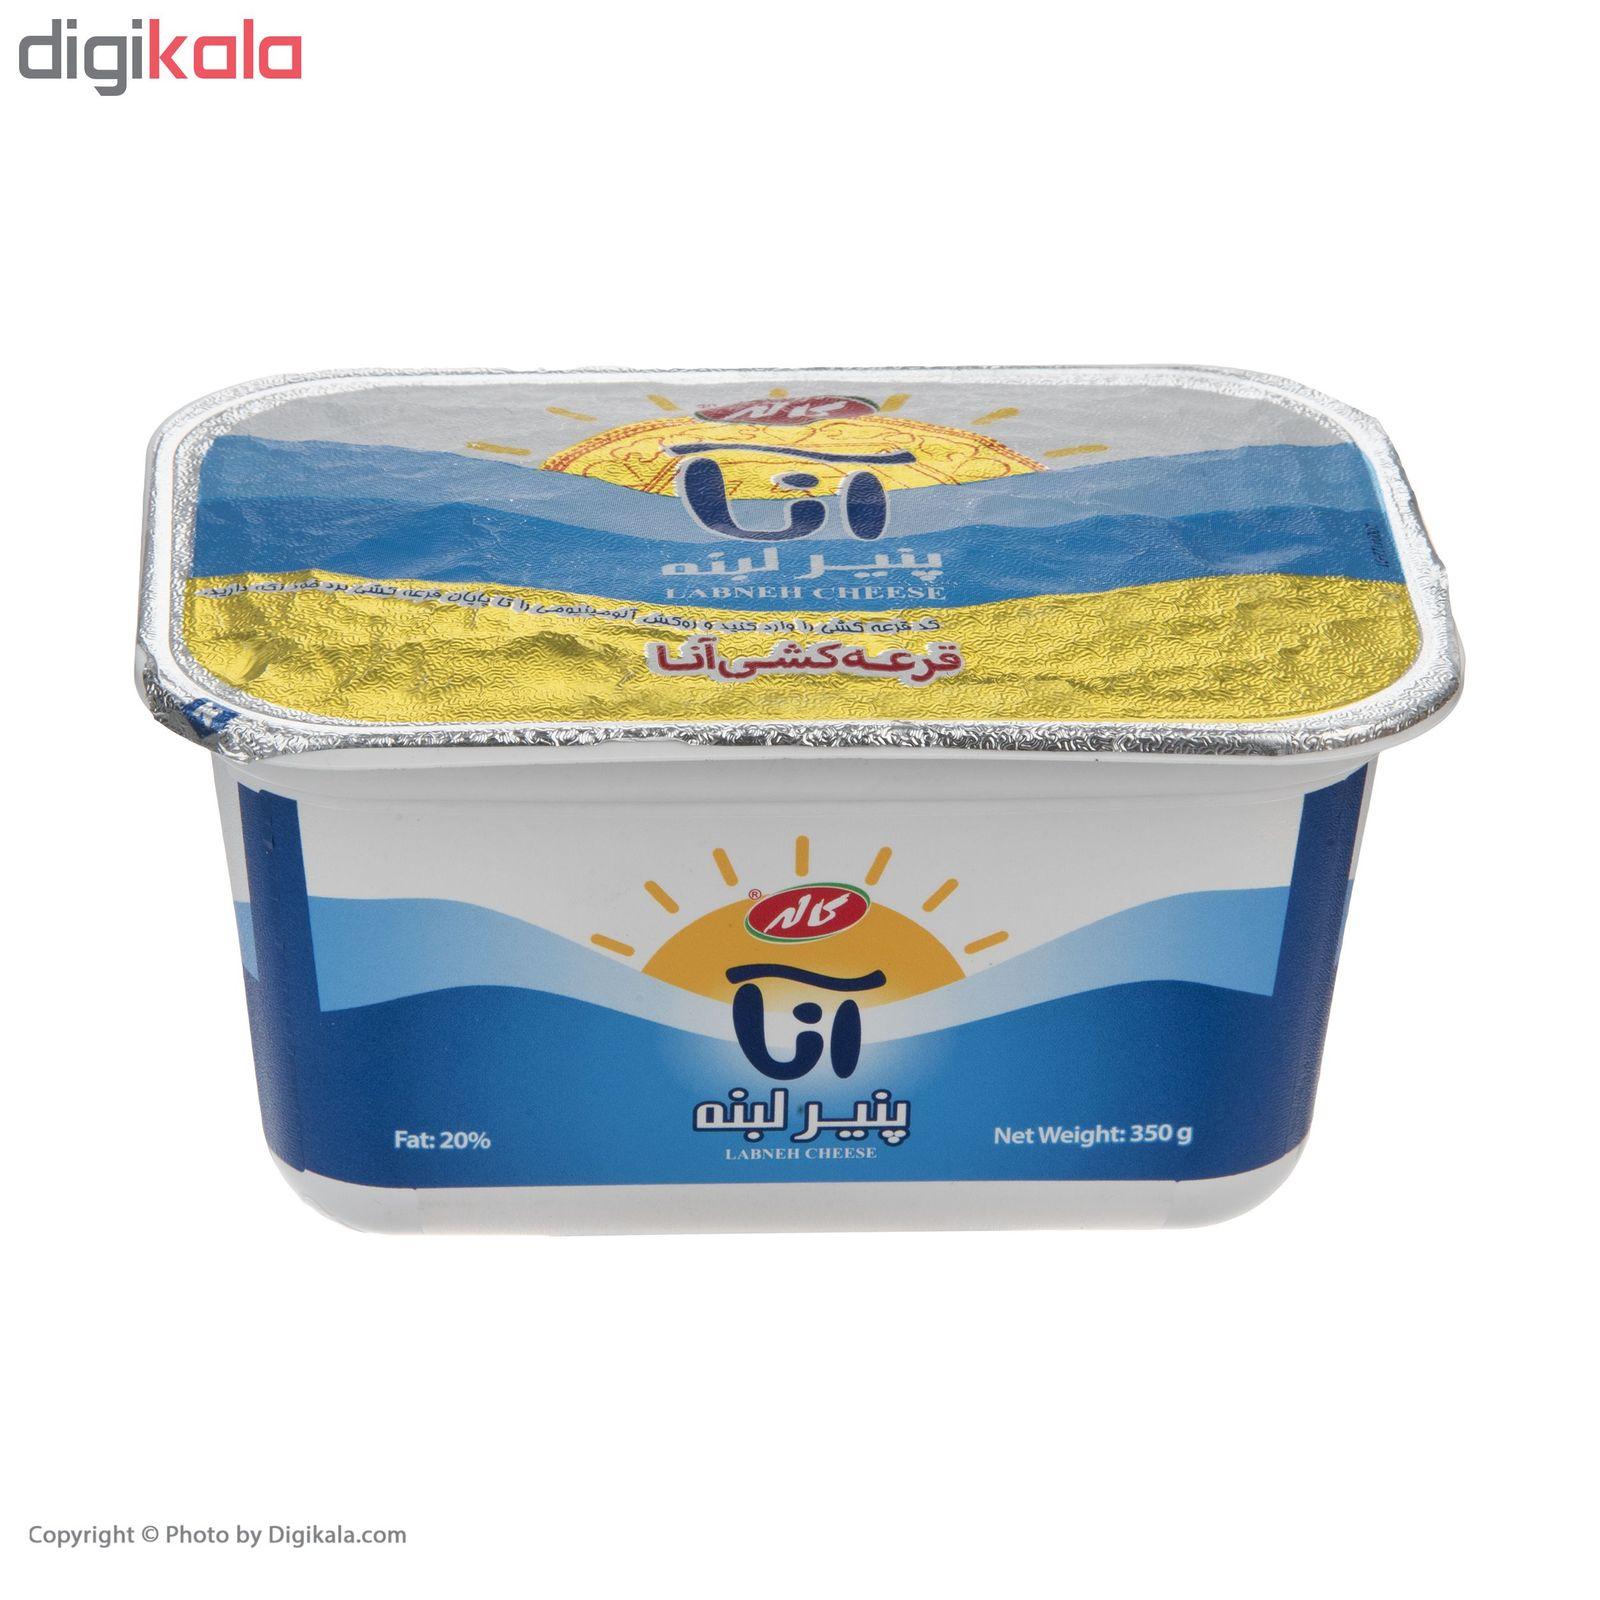 پنیر لبنه کاله - 350 گرم main 1 1